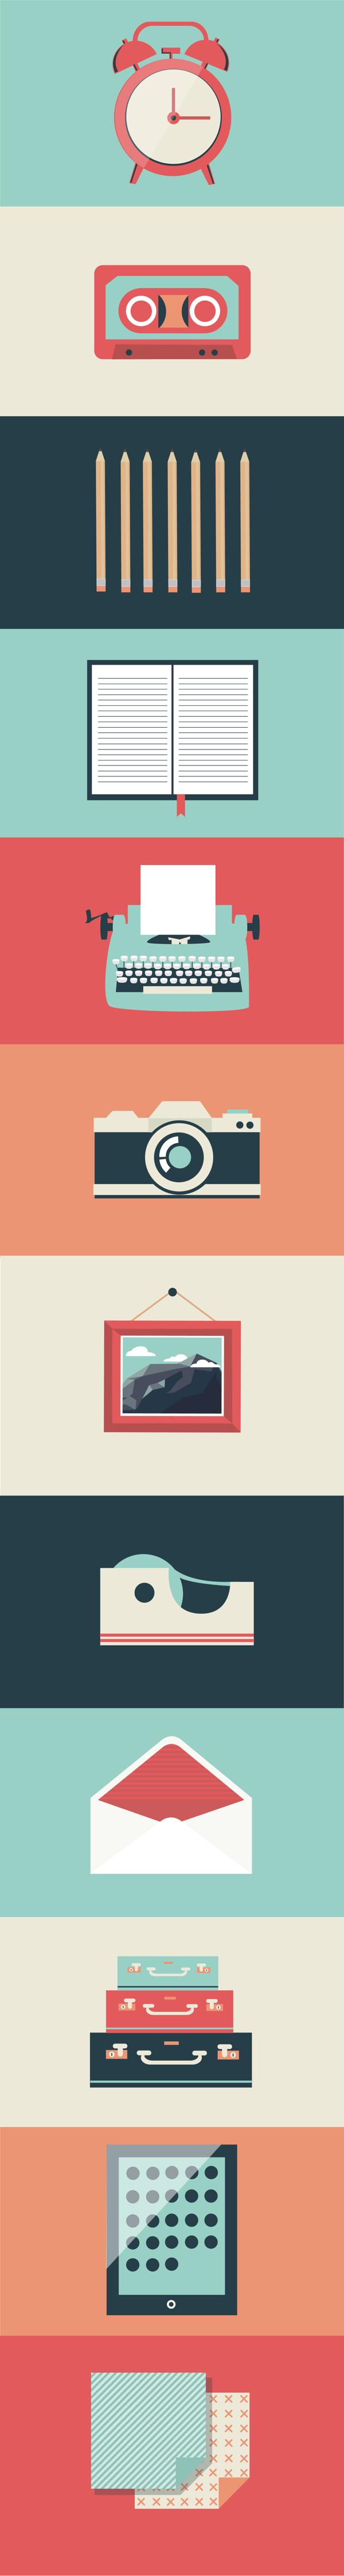 https://www.behance.net/gallery/15720589/Office-Illustrations